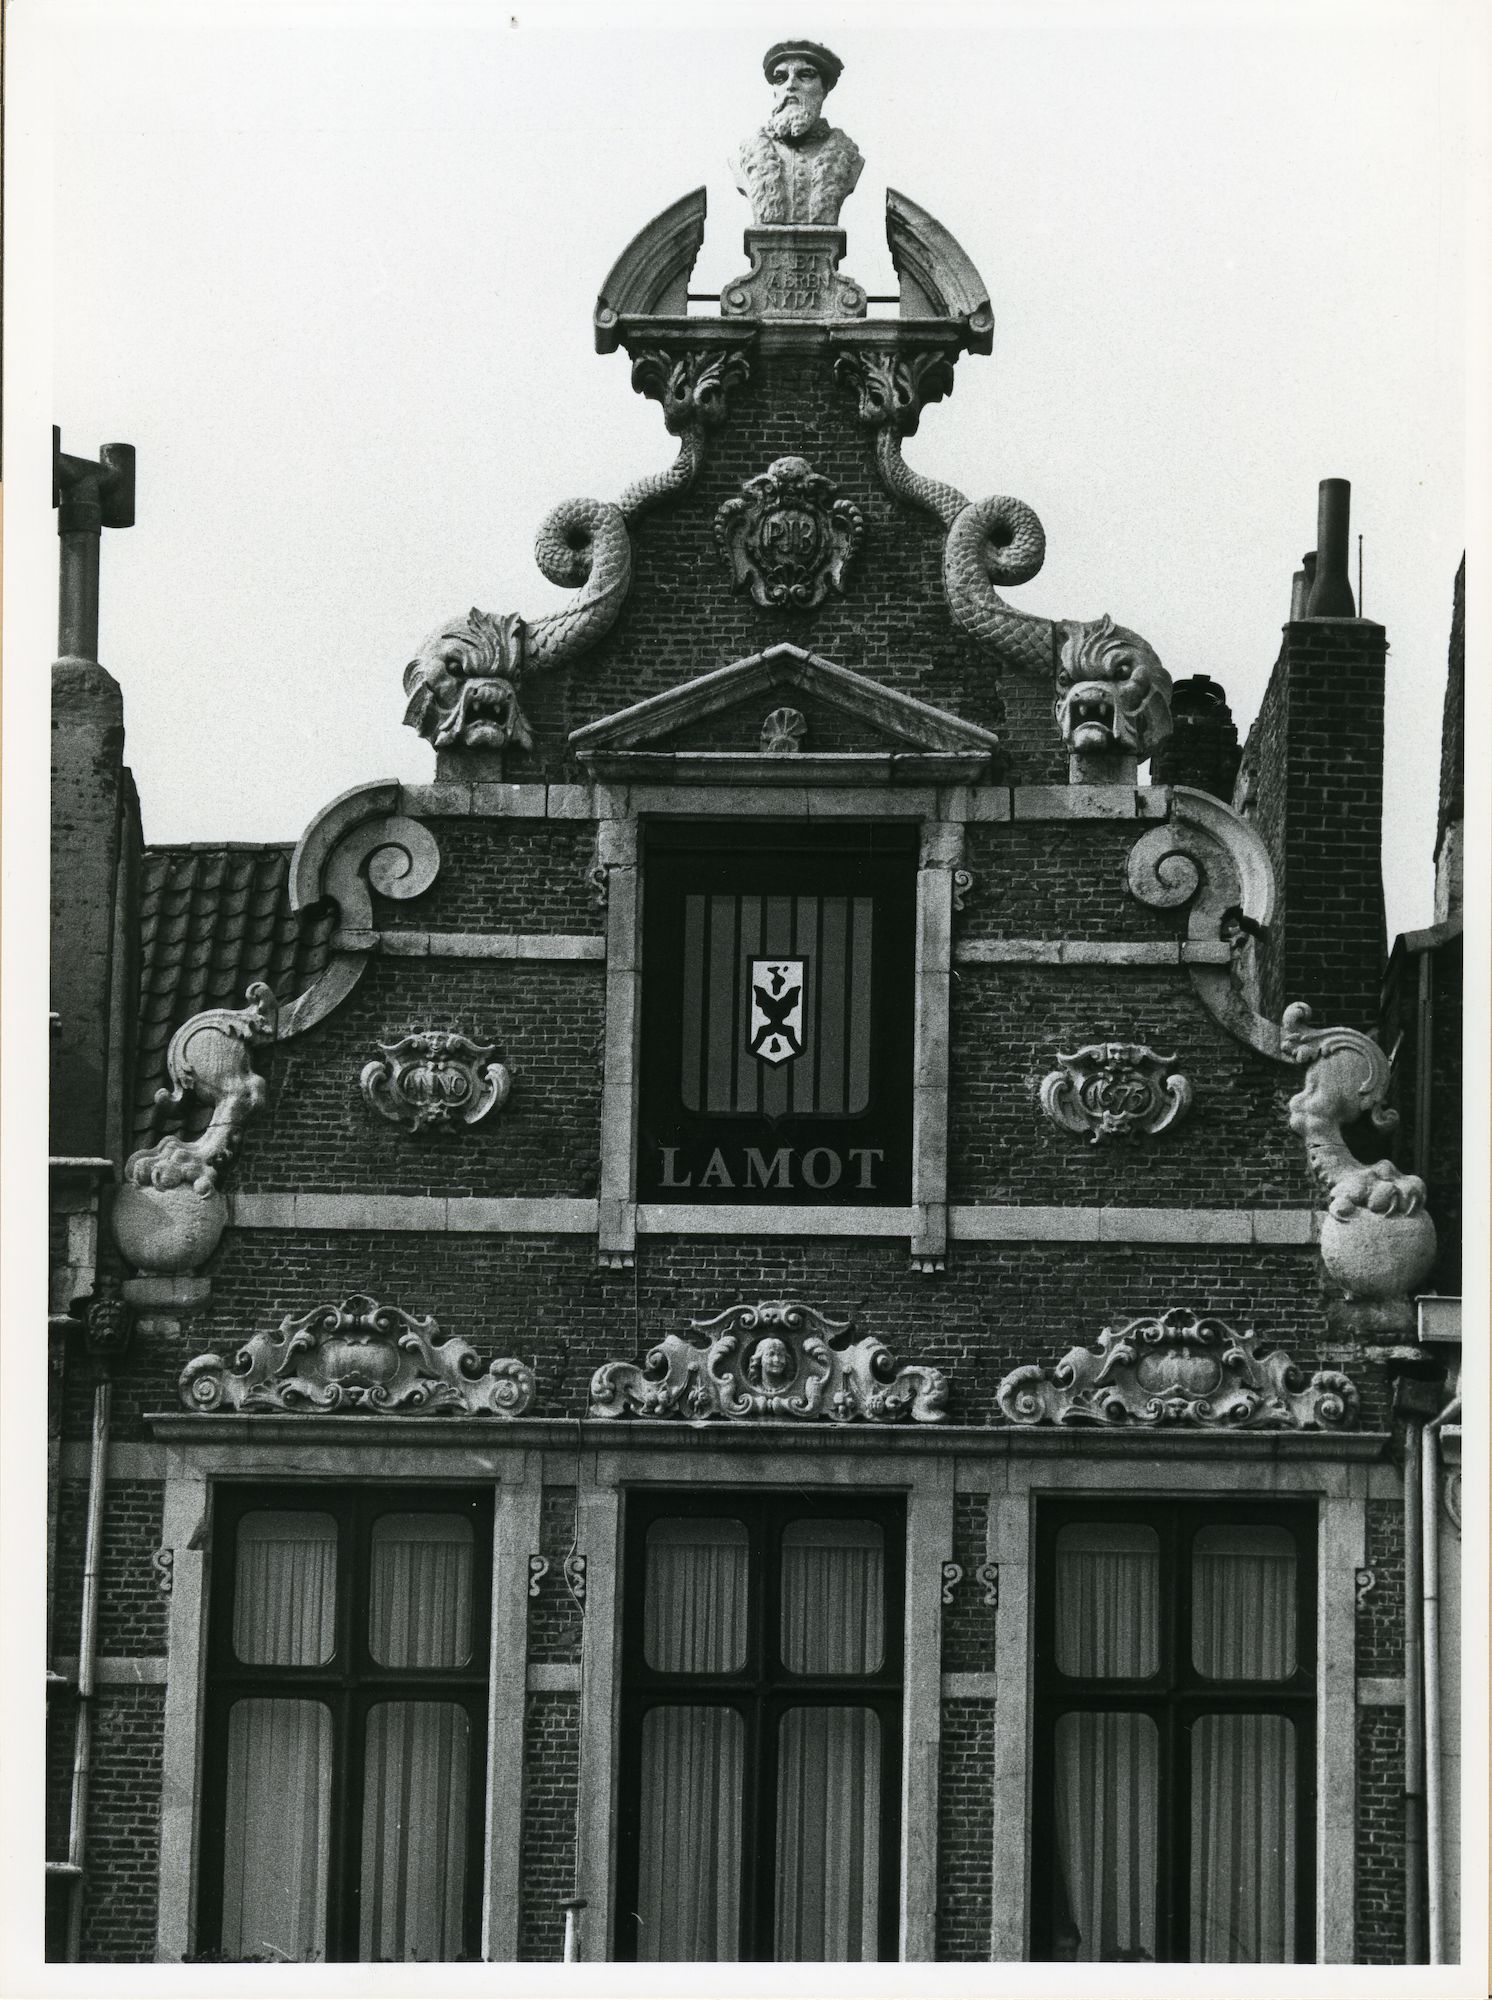 Gent: Vrijdagmarkt 45: Buste, 1980